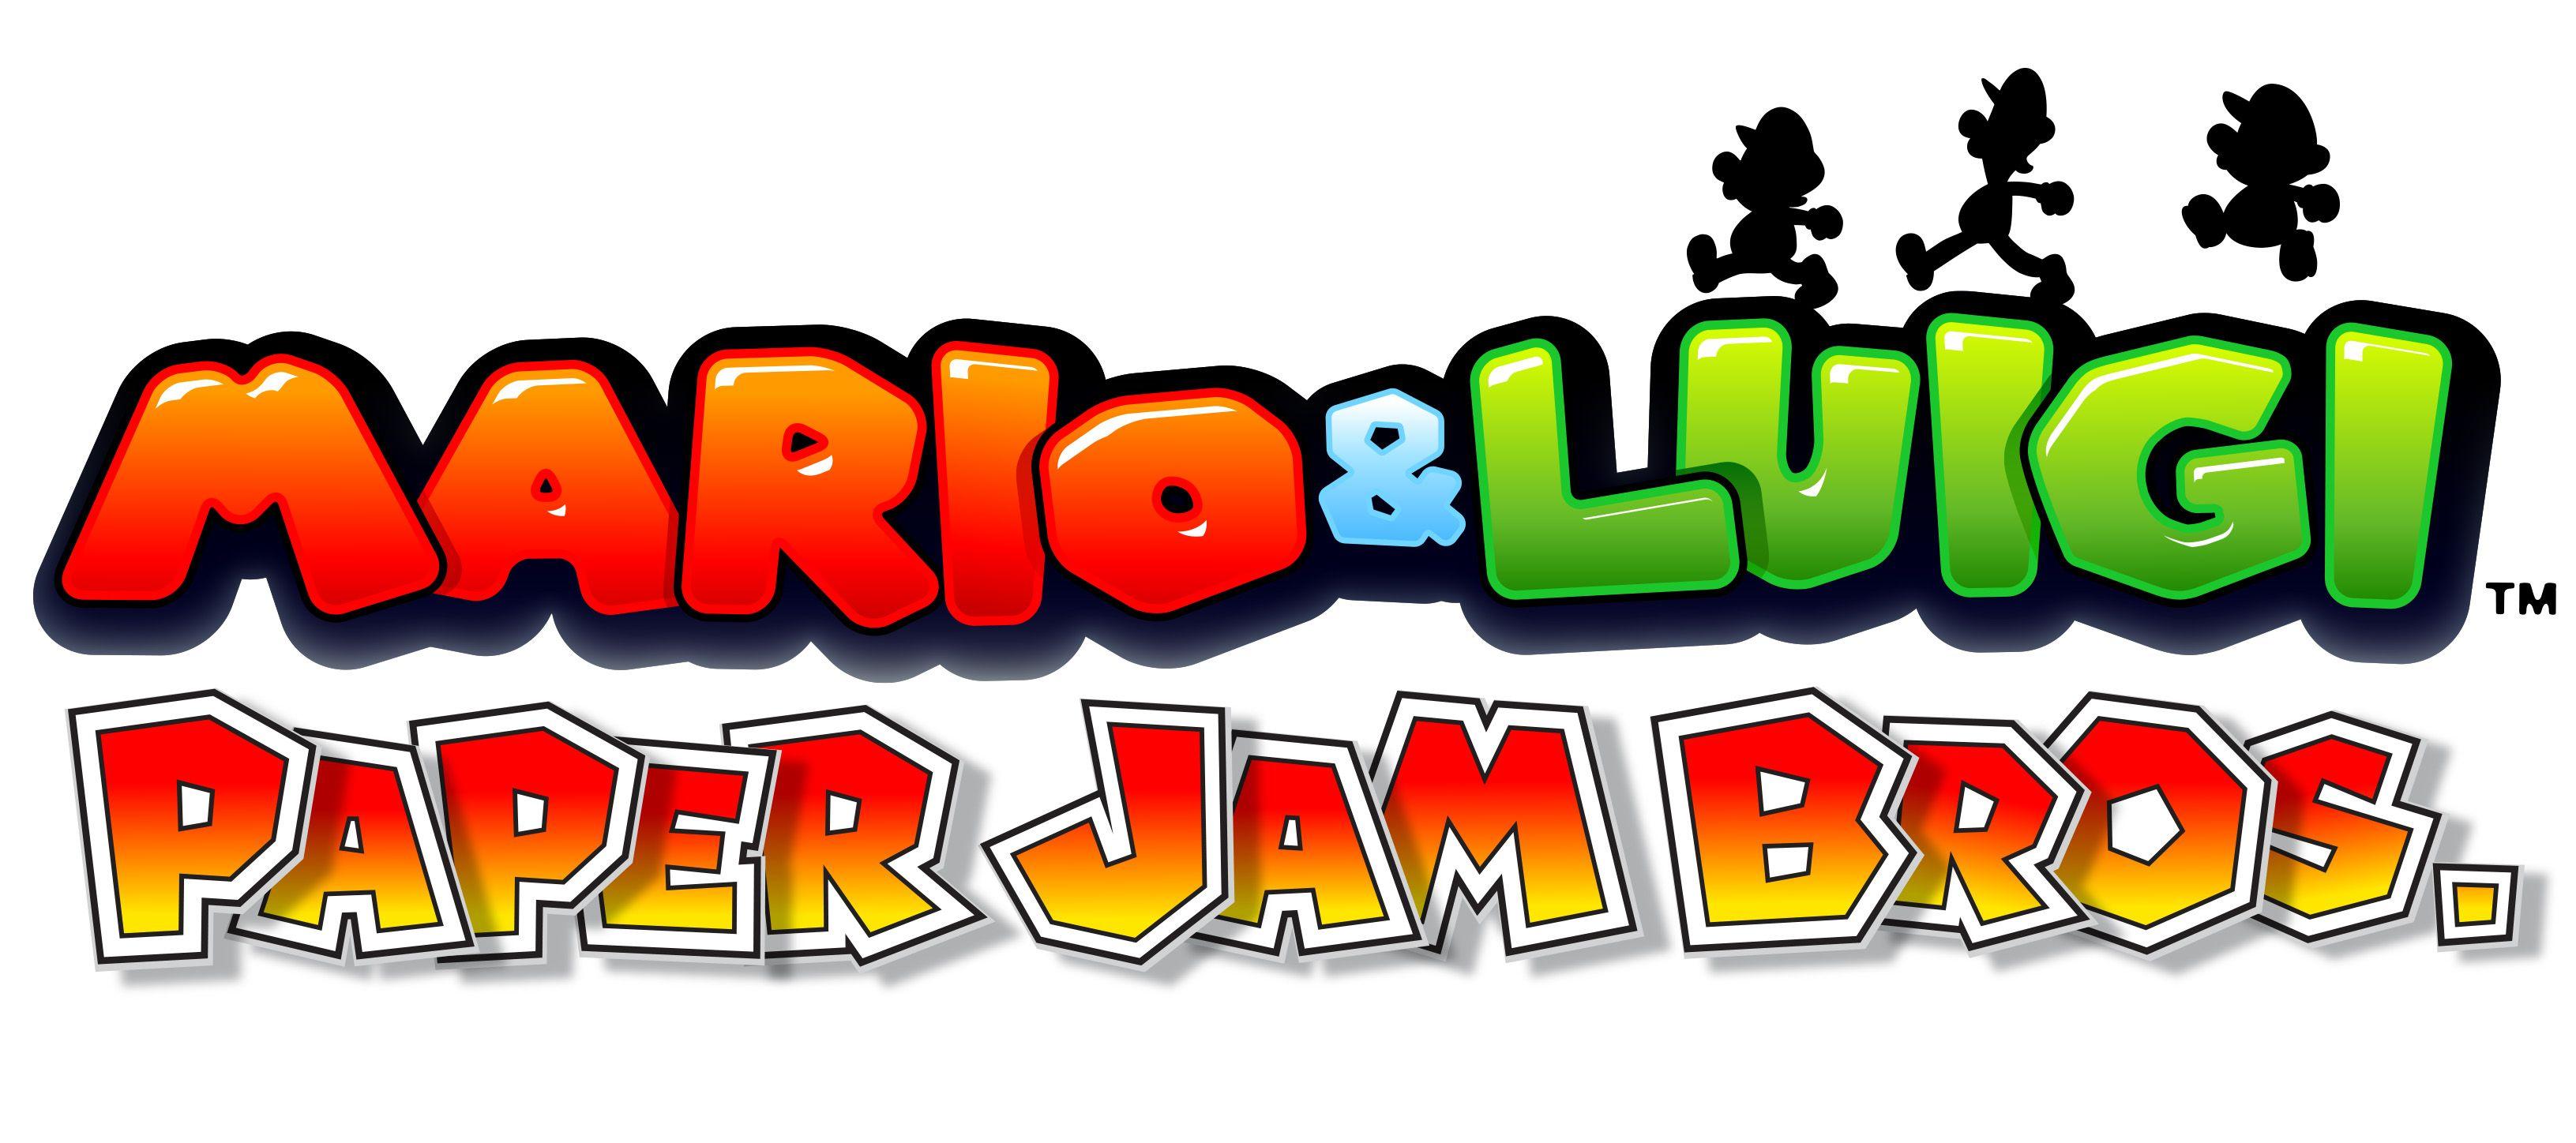 Mario & Luigi: Paper Jam Bros logo.